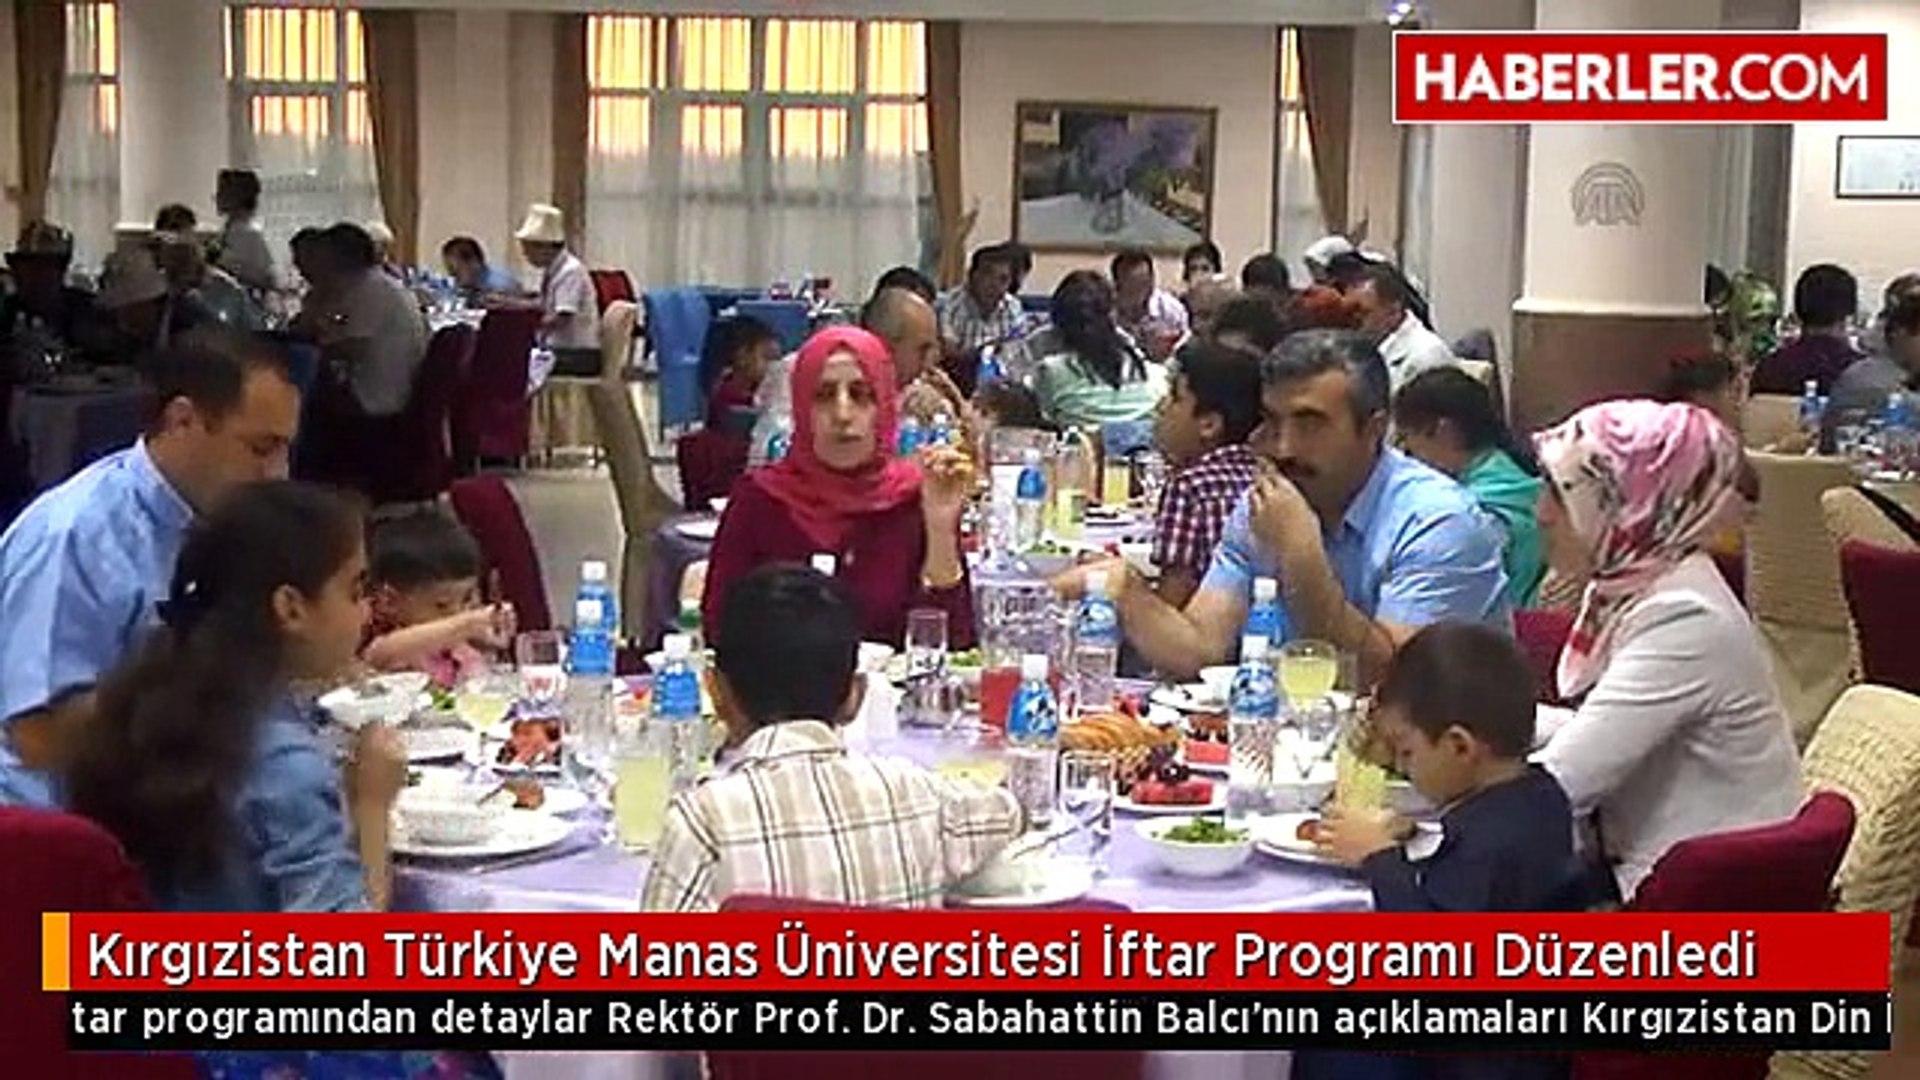 Kırgızistan Türkiye Manas Üniversitesi İftar Programı Düzenledi -  Dailymotion Video